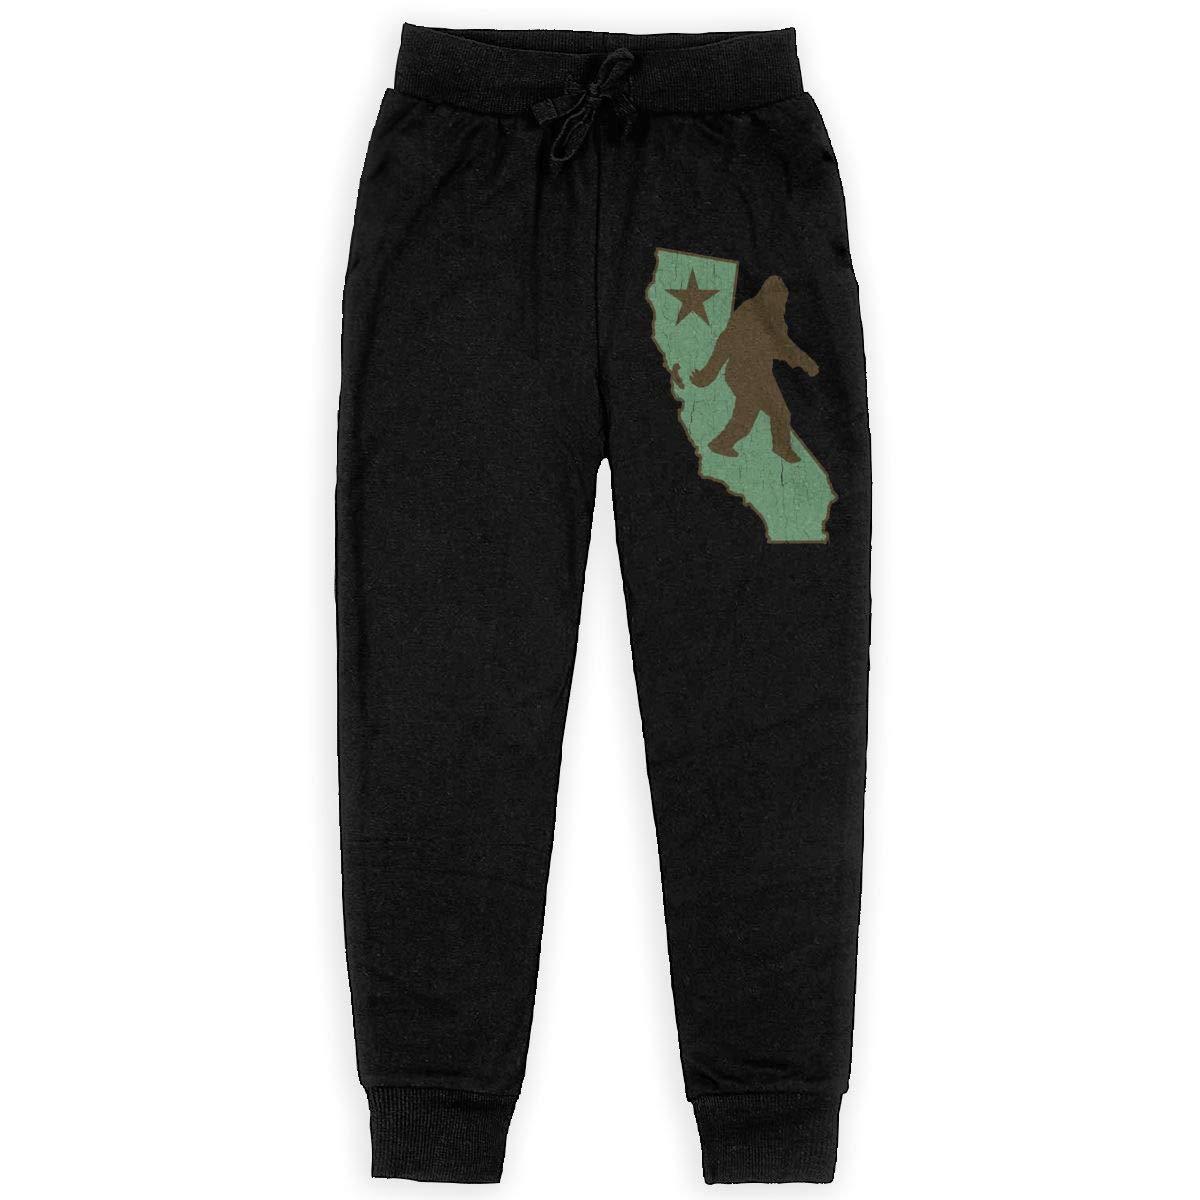 Dunpaiaa California Bigfoot Boys Sweatpants,Joggers Sport Training Pants Trousers Black